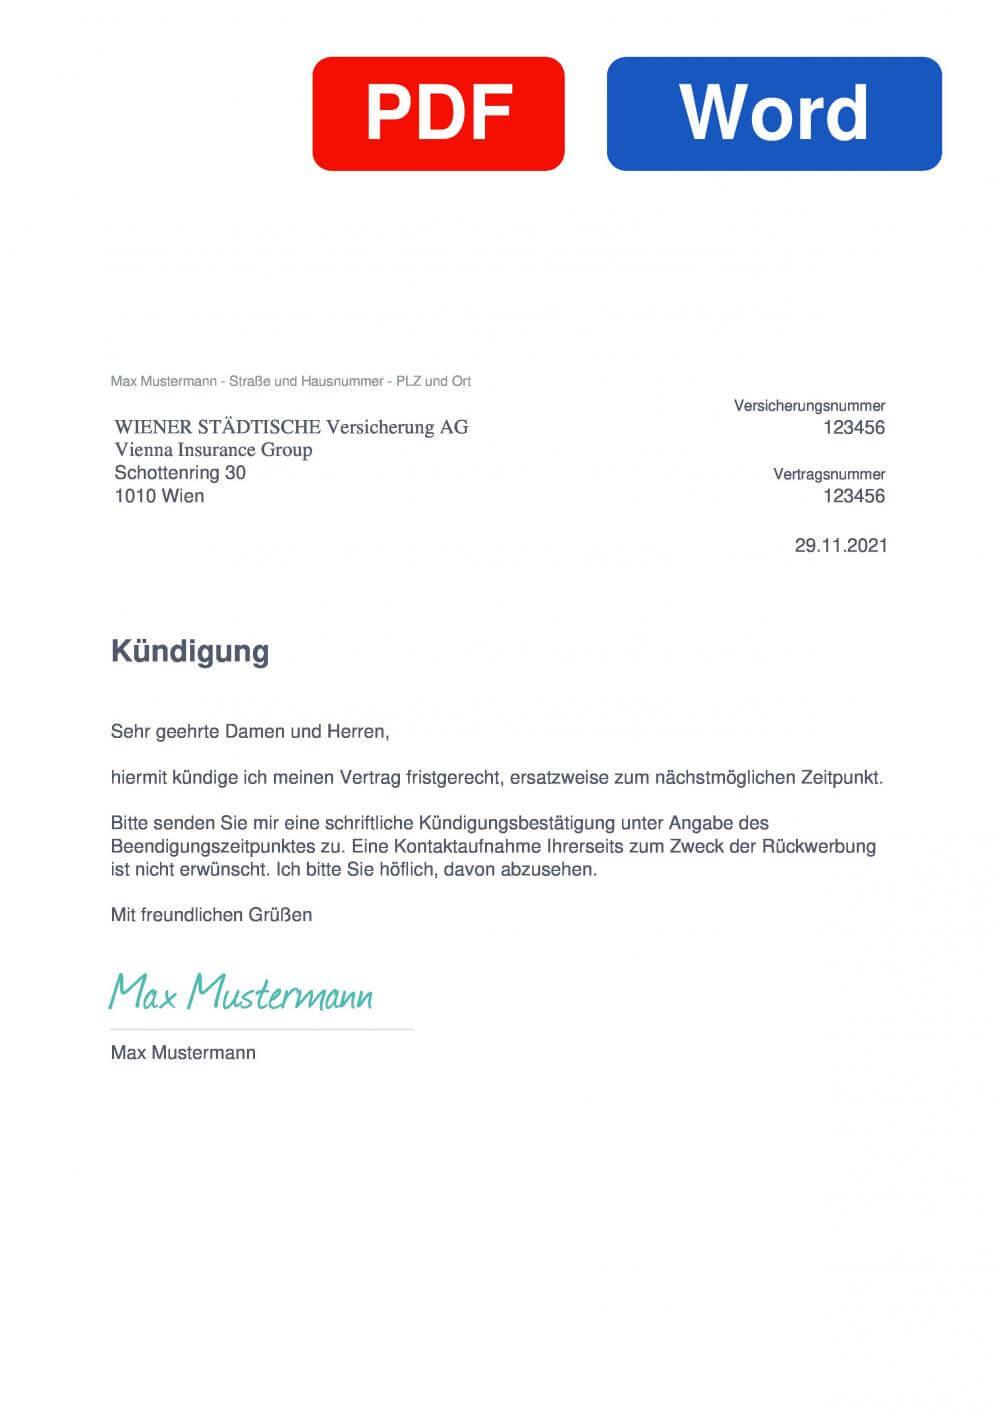 Wiener Städtische Versicherung Muster Vorlage für Kündigungsschreiben